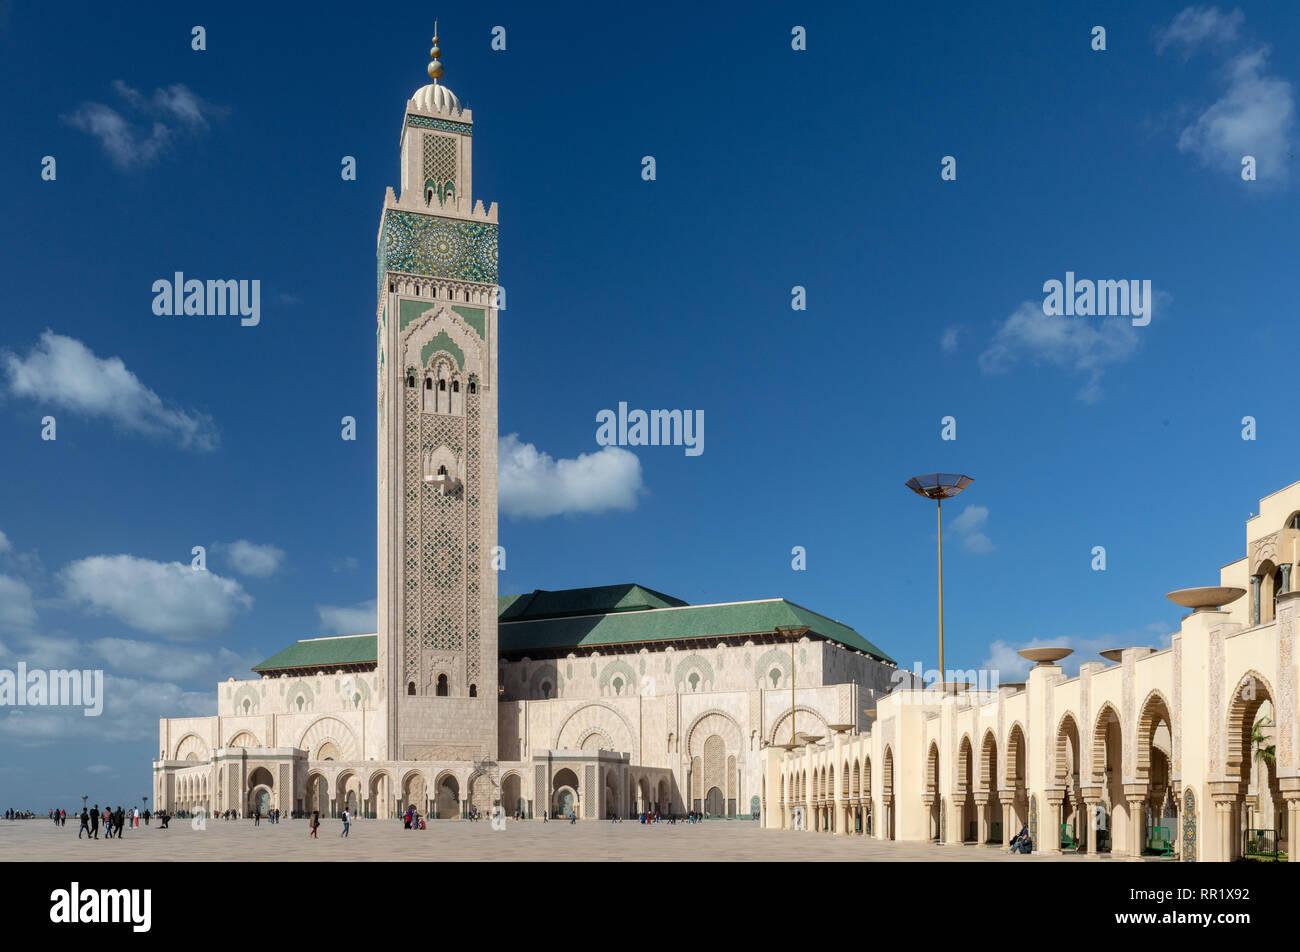 Y minarete de la Mezquita Hassan II, Casablanca, Marruecos Foto de stock